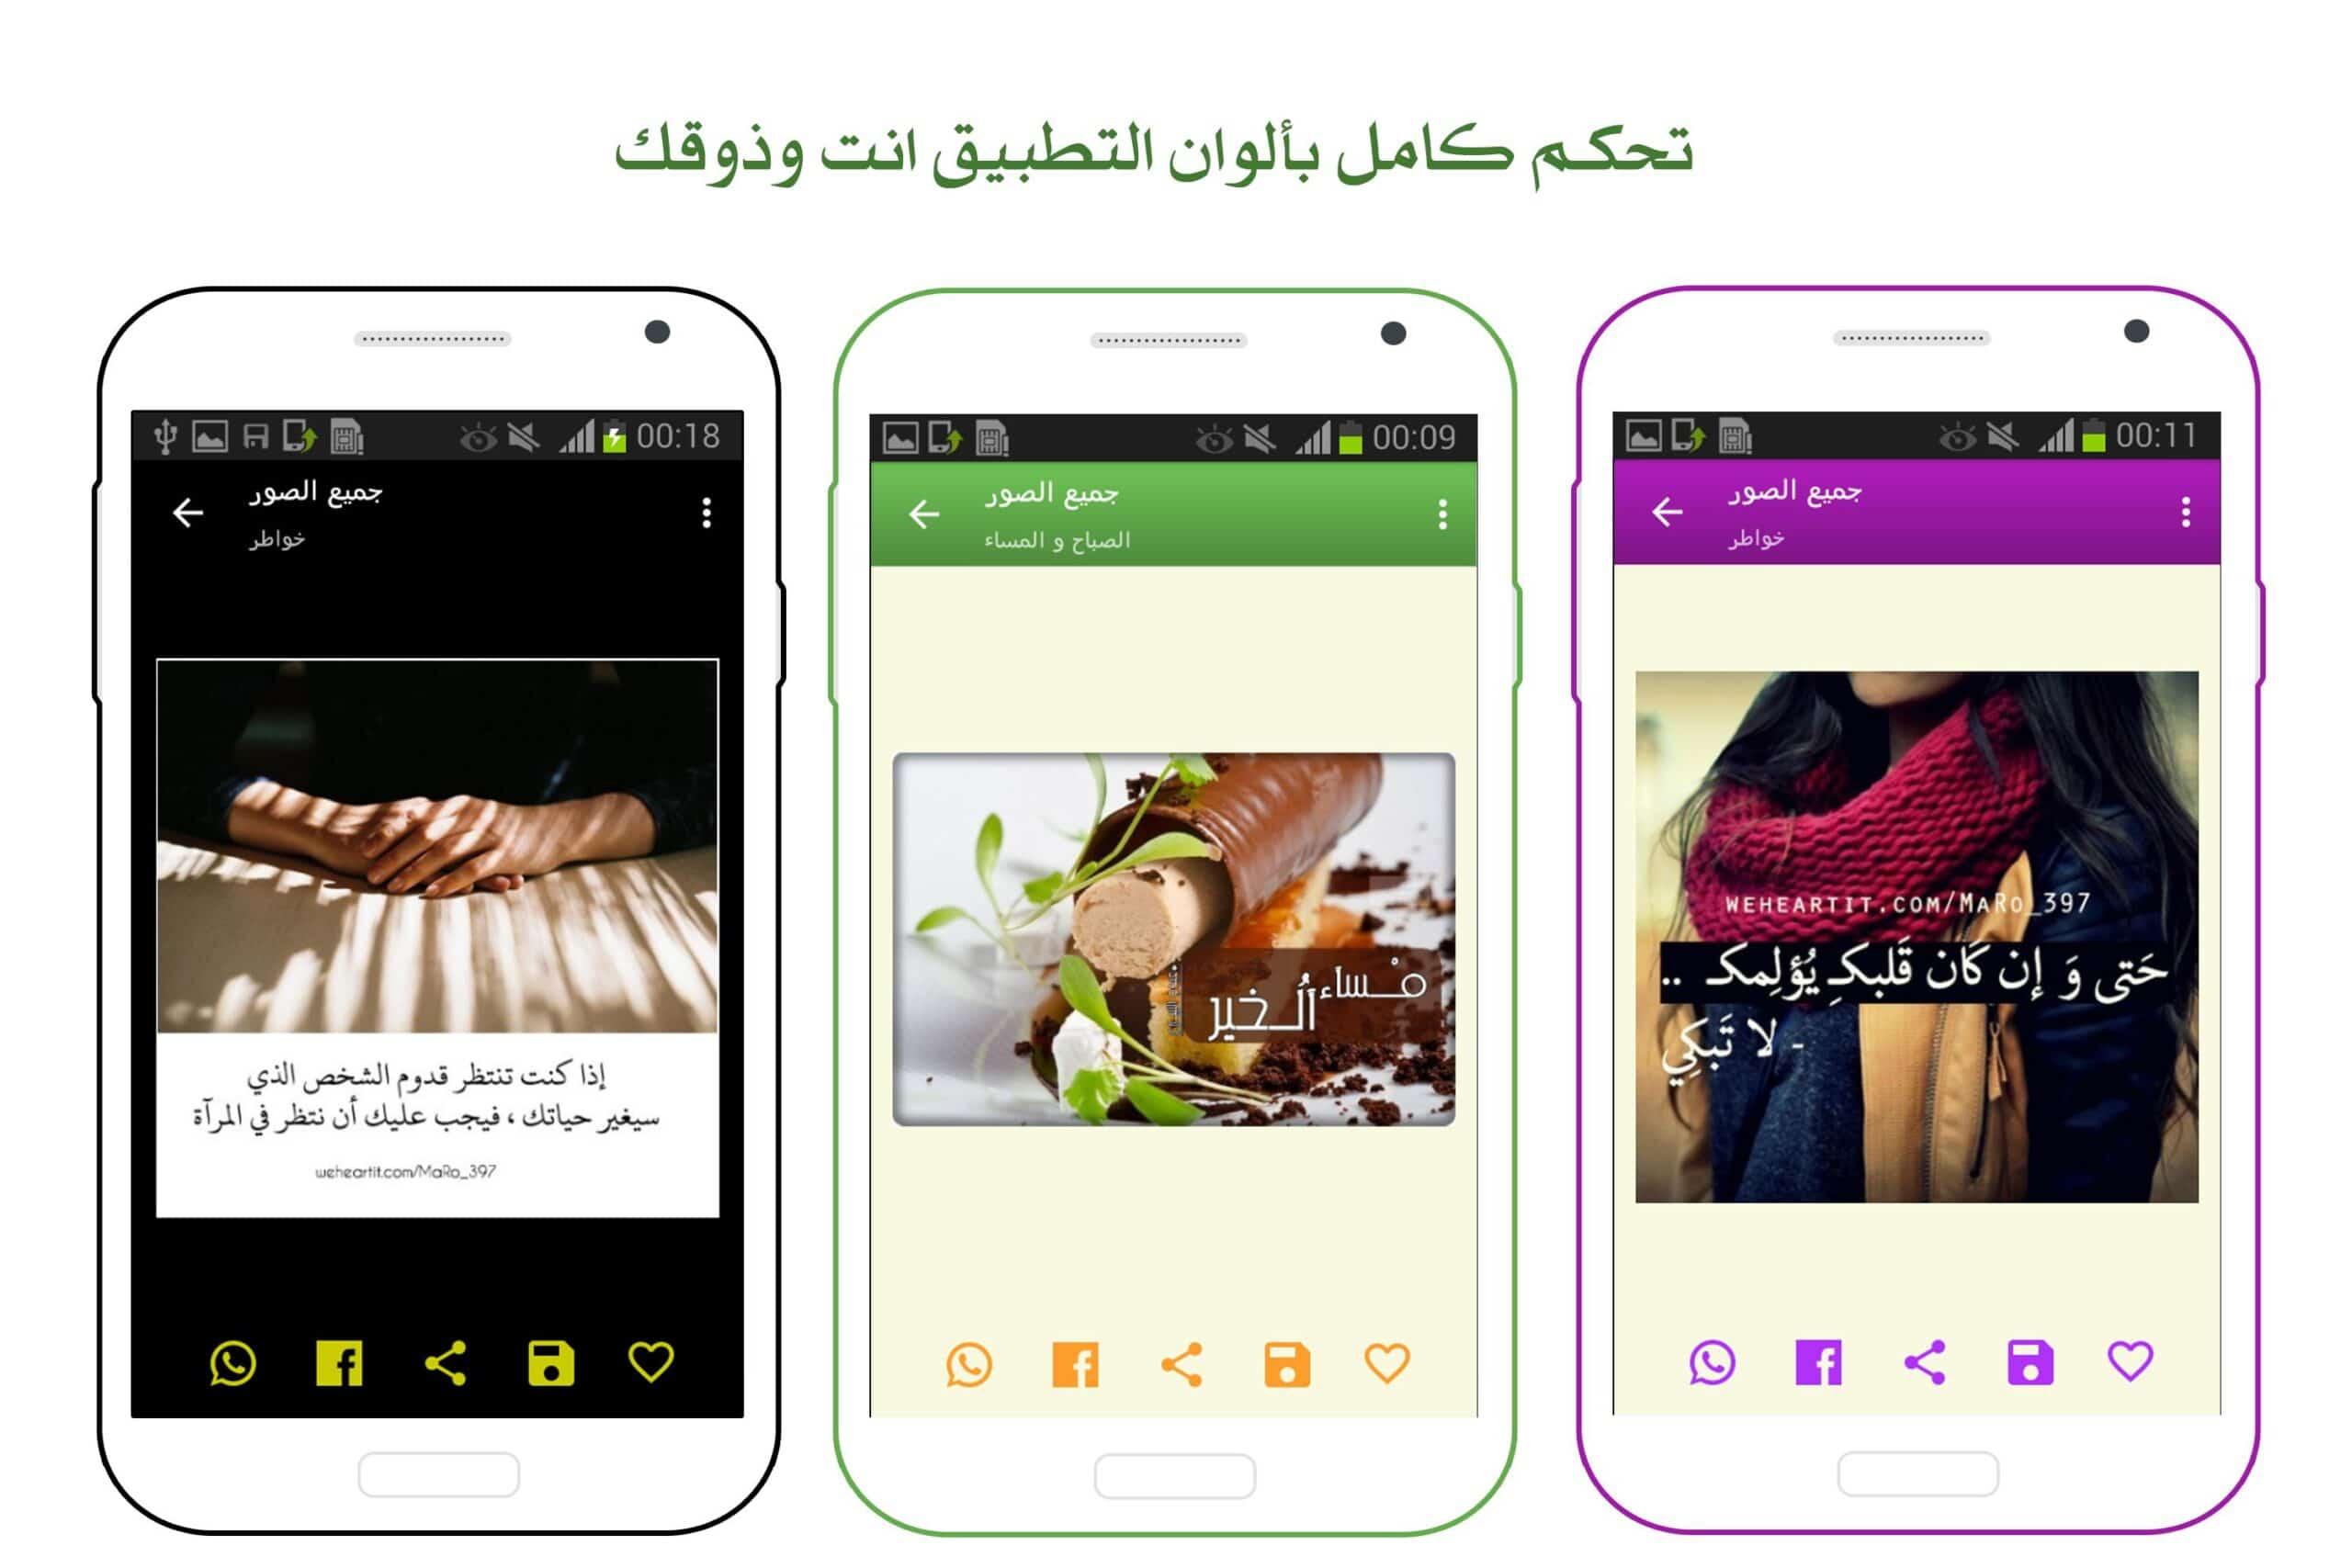 تحميل تطبيق ١٠٠٠٠ صورة و حالات افضل تطبيق لتحميل منشورات فيسبوك.